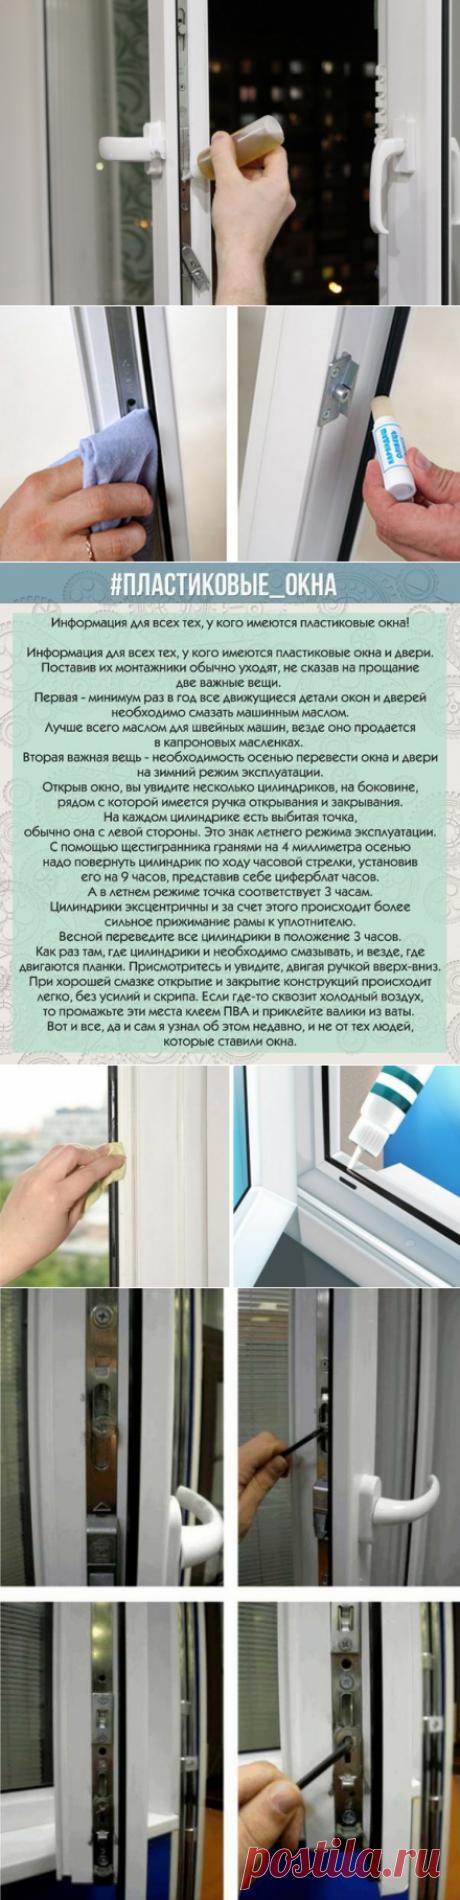 Как ухаживать за пластиковыми окнами и дверями правильно